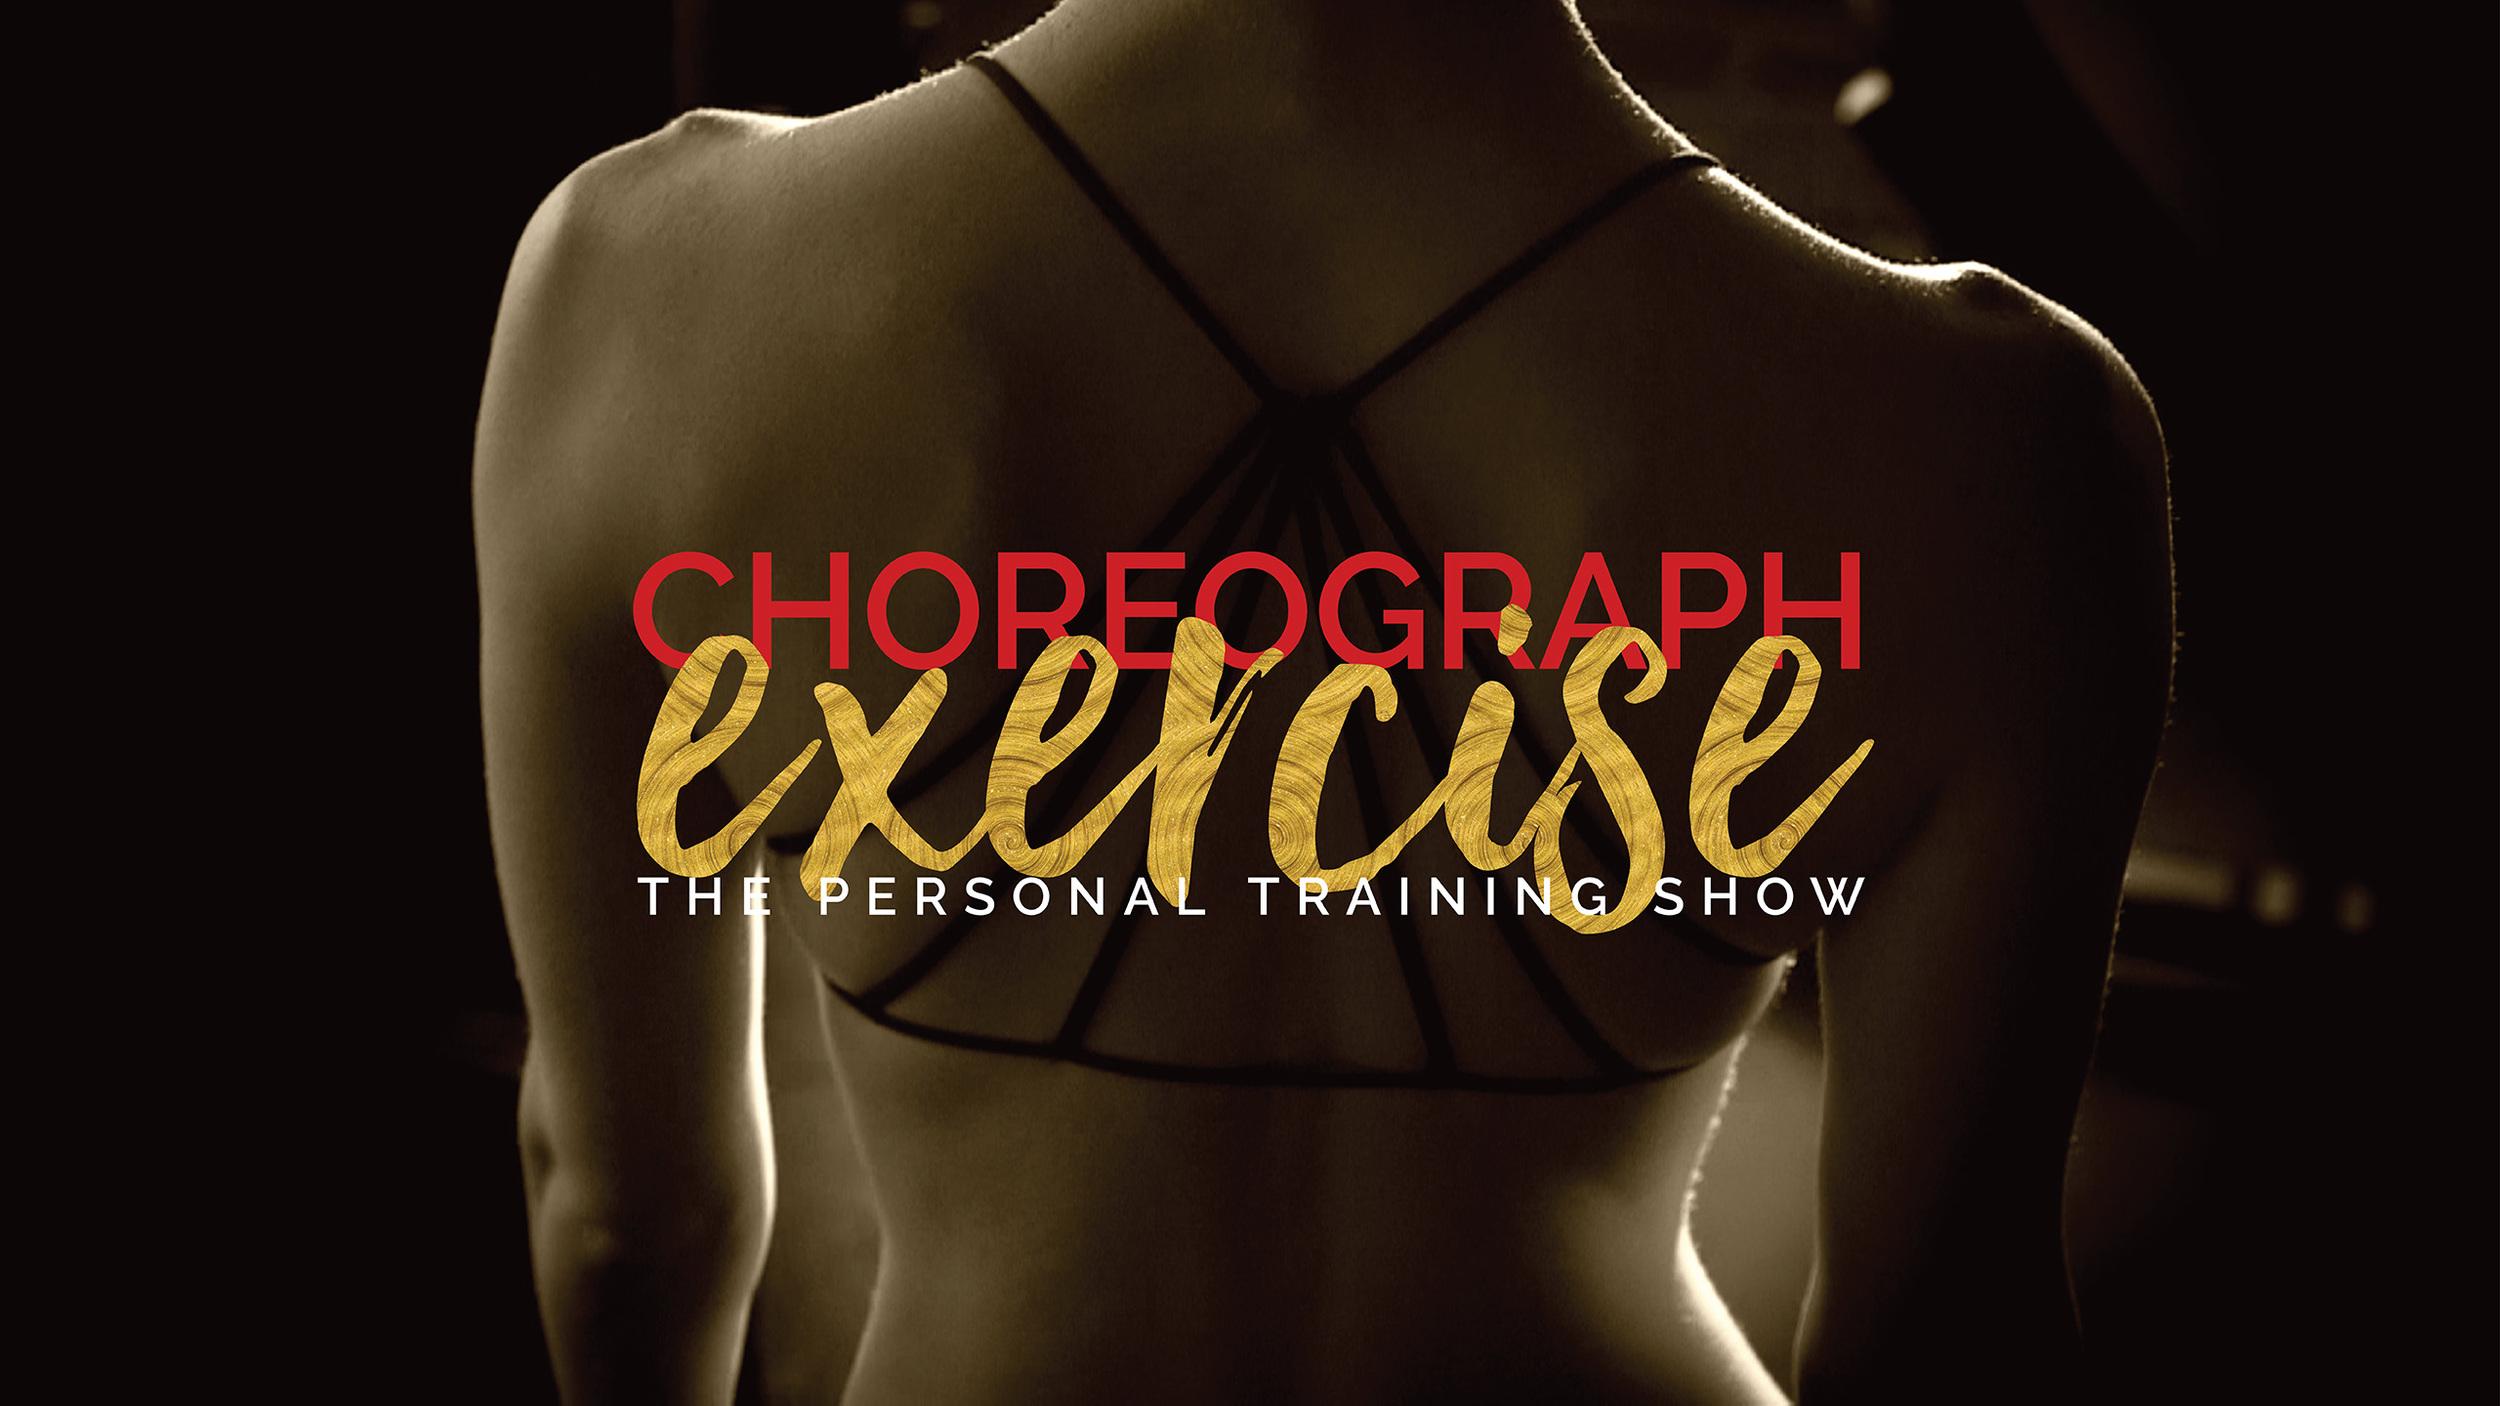 Choreograph Exercise